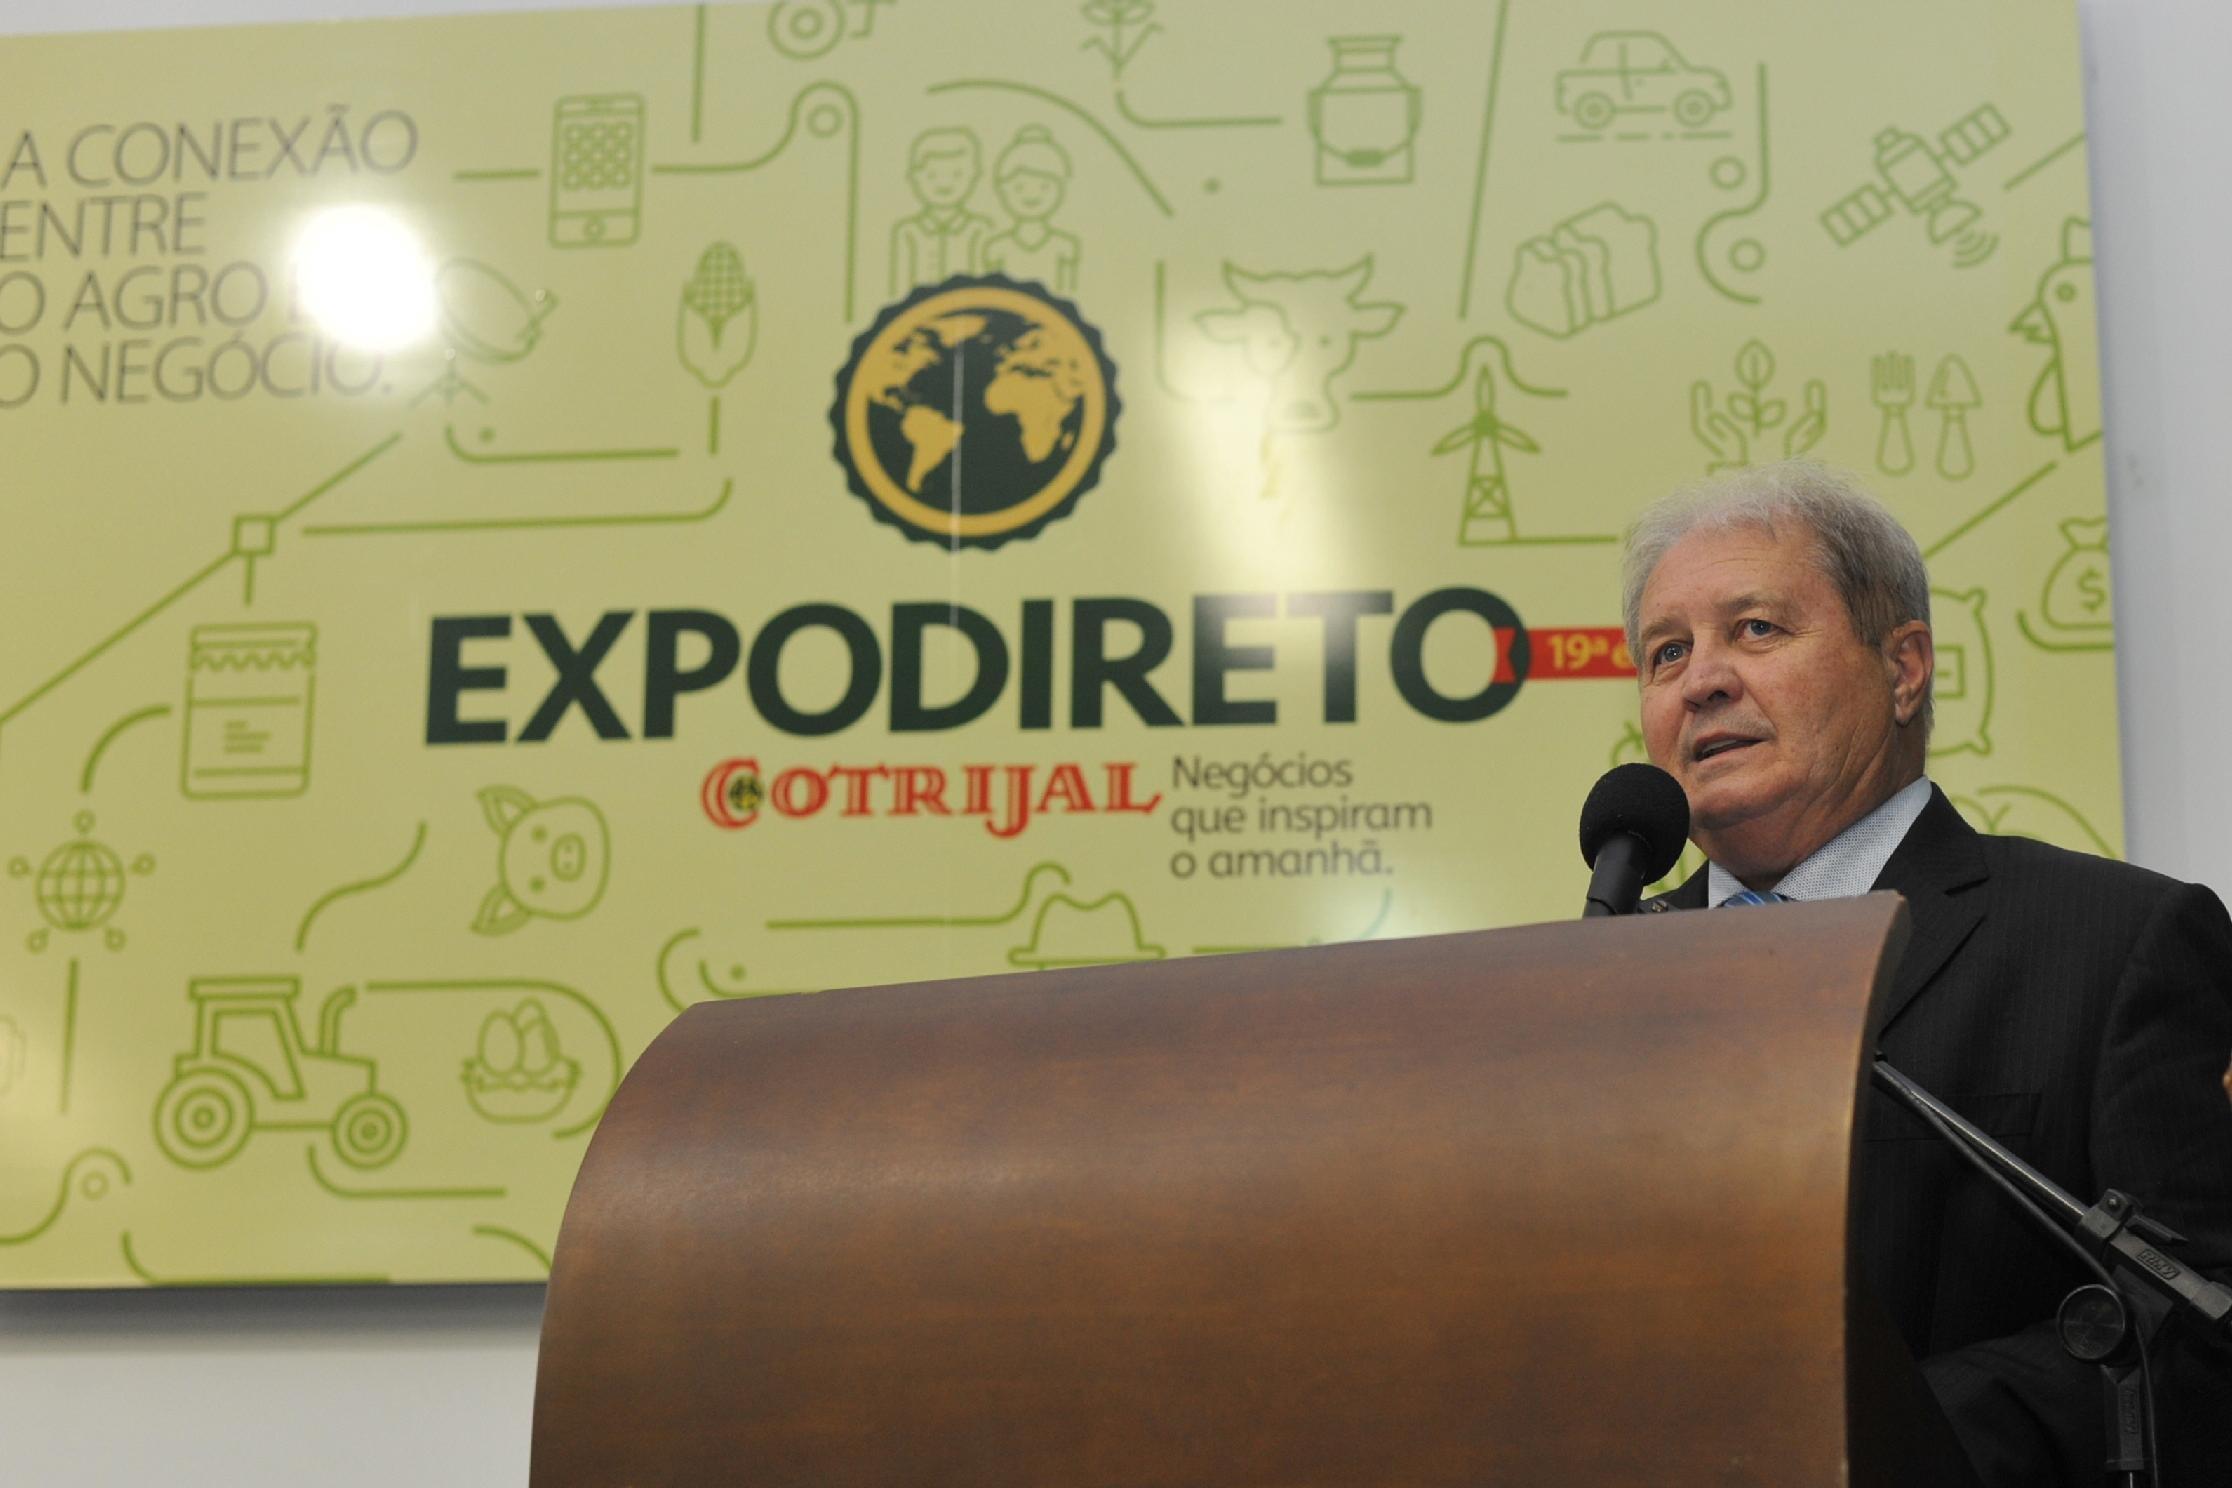 Presidente da Cotrijal explica motivo do cancelamento da Expodireto 2021